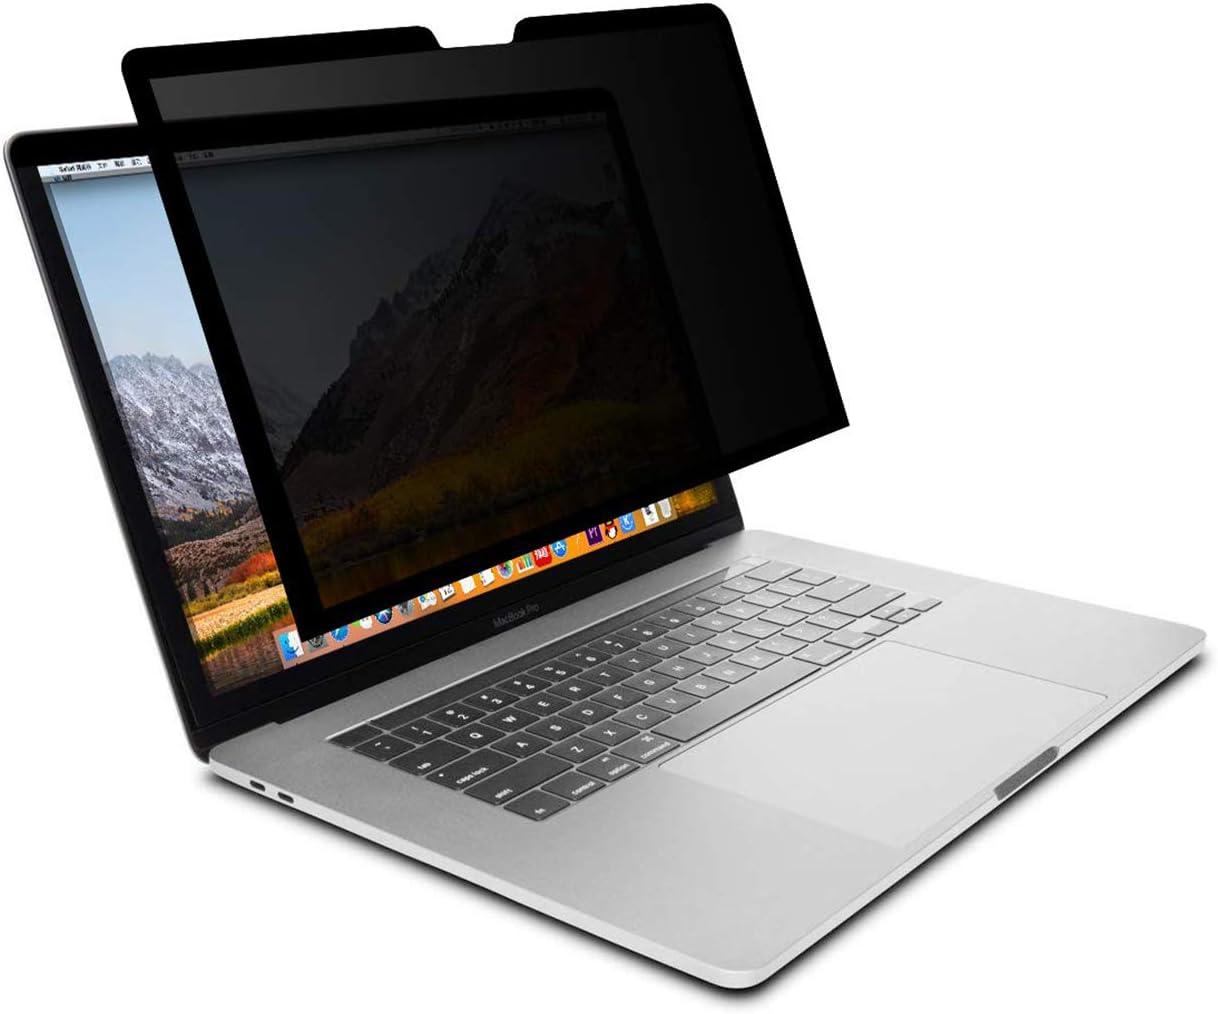 A Prueba de Peep Protectora de Pantalla de Privacidad de Antideslumbrante A Prueba de Esp/ías Pel/ícula de Bloqueo de Luz Azul MOSISO Filtro de Privacidad Compatible con MacBook Pro 2019 16 A2141